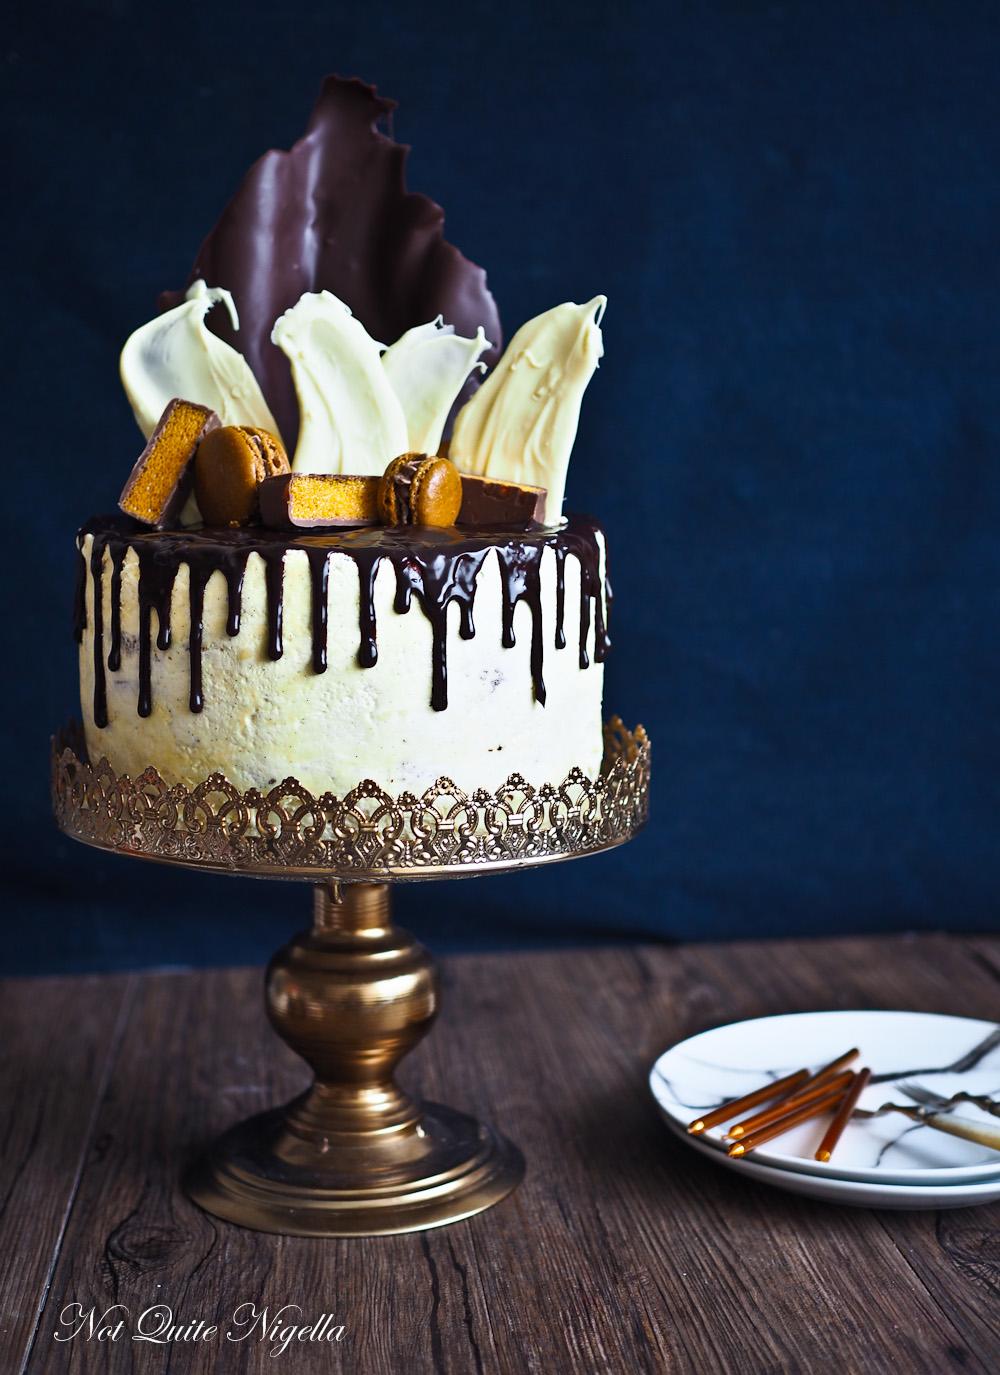 Chocolate Ganache Drip Cake Not Quite Nigella